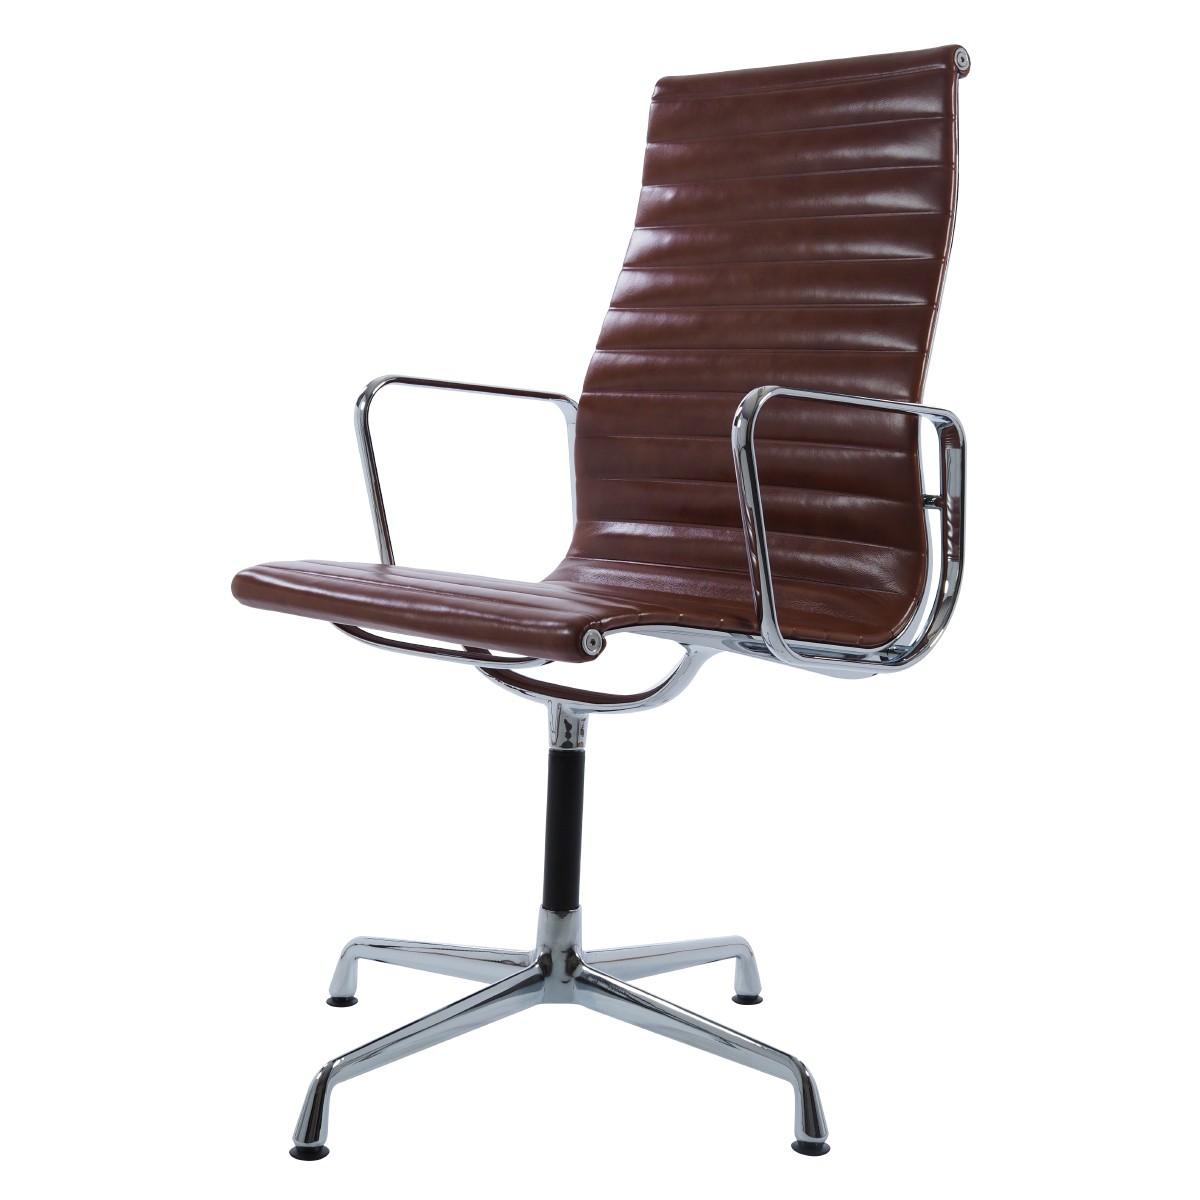 Charles Eames Konferens Stol Ea109 Design Konferens Stol